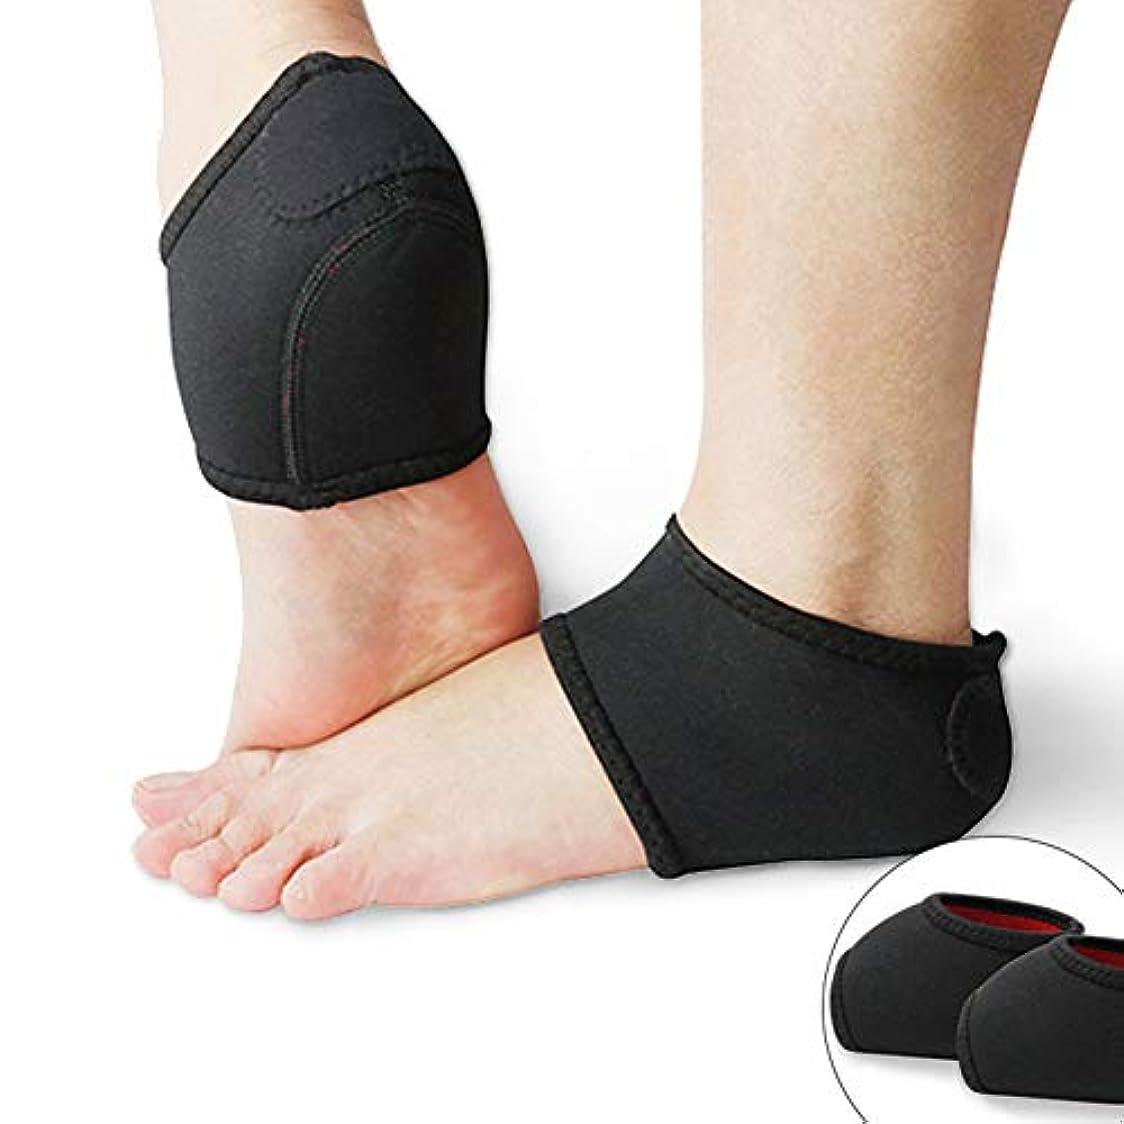 マンモス希少性サスペンドヒールガードセット、ヒールプロテクター-足底筋膜炎からヒールの痛みを和らげる-ヒールスパー(2ペア)